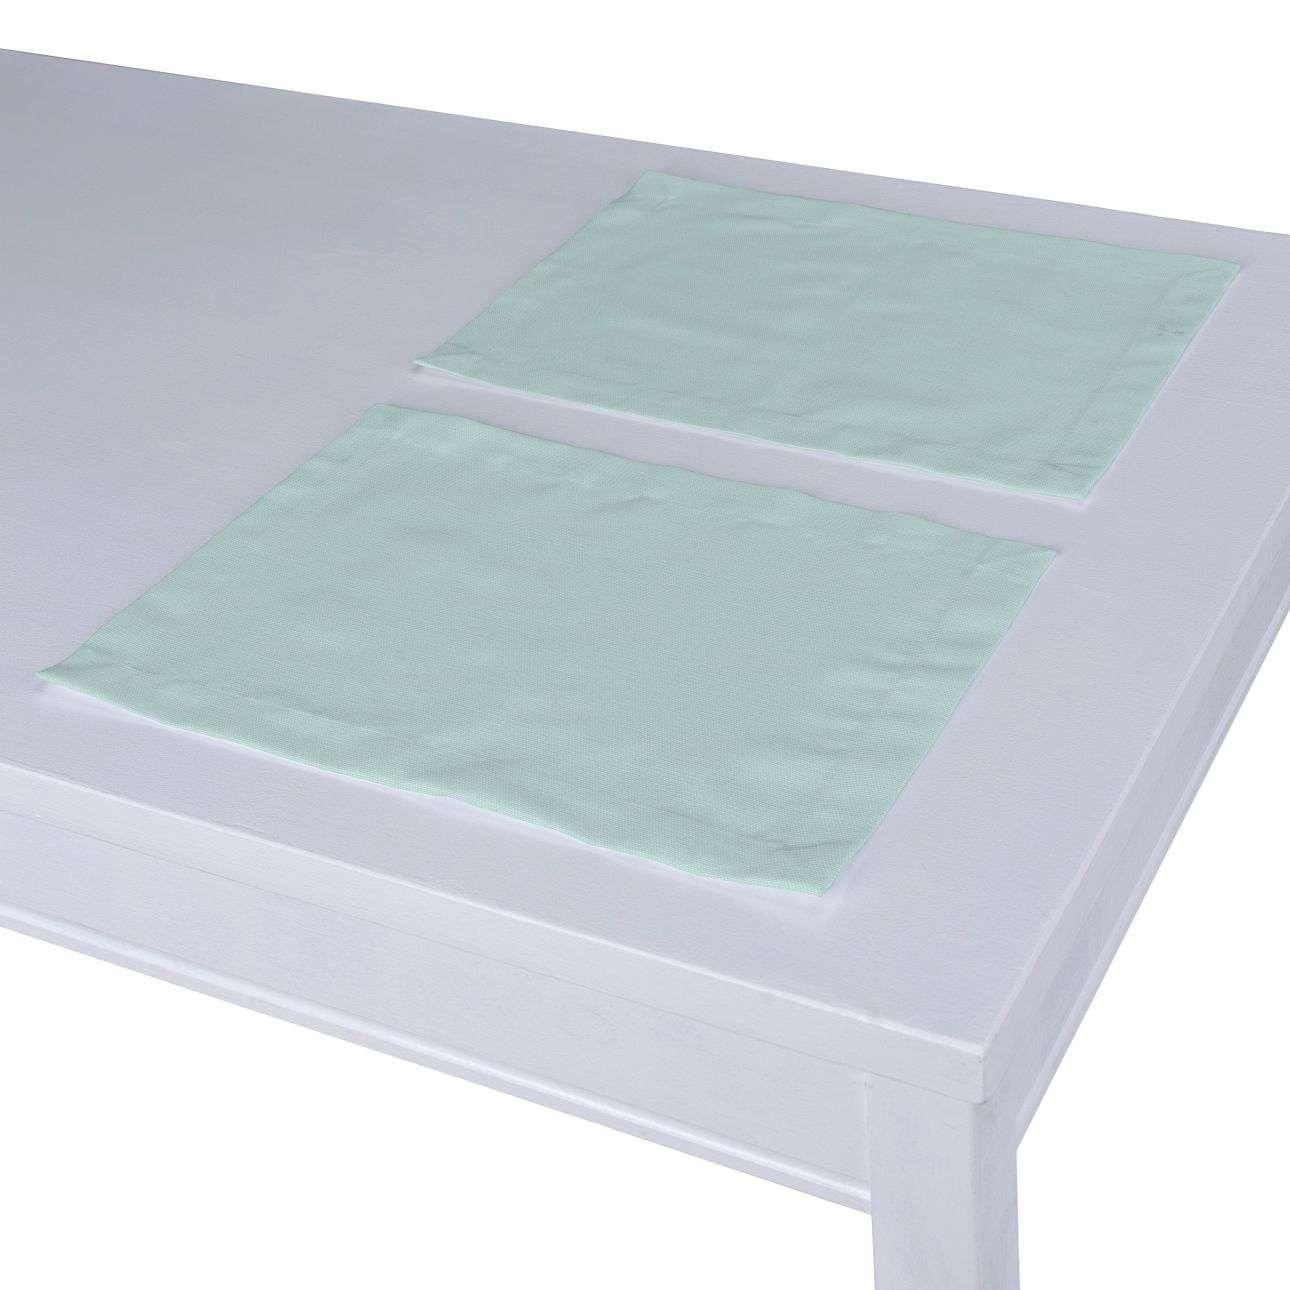 Podkładka 2 sztuki 30x40 cm w kolekcji Cotton Panama, tkanina: 702-10